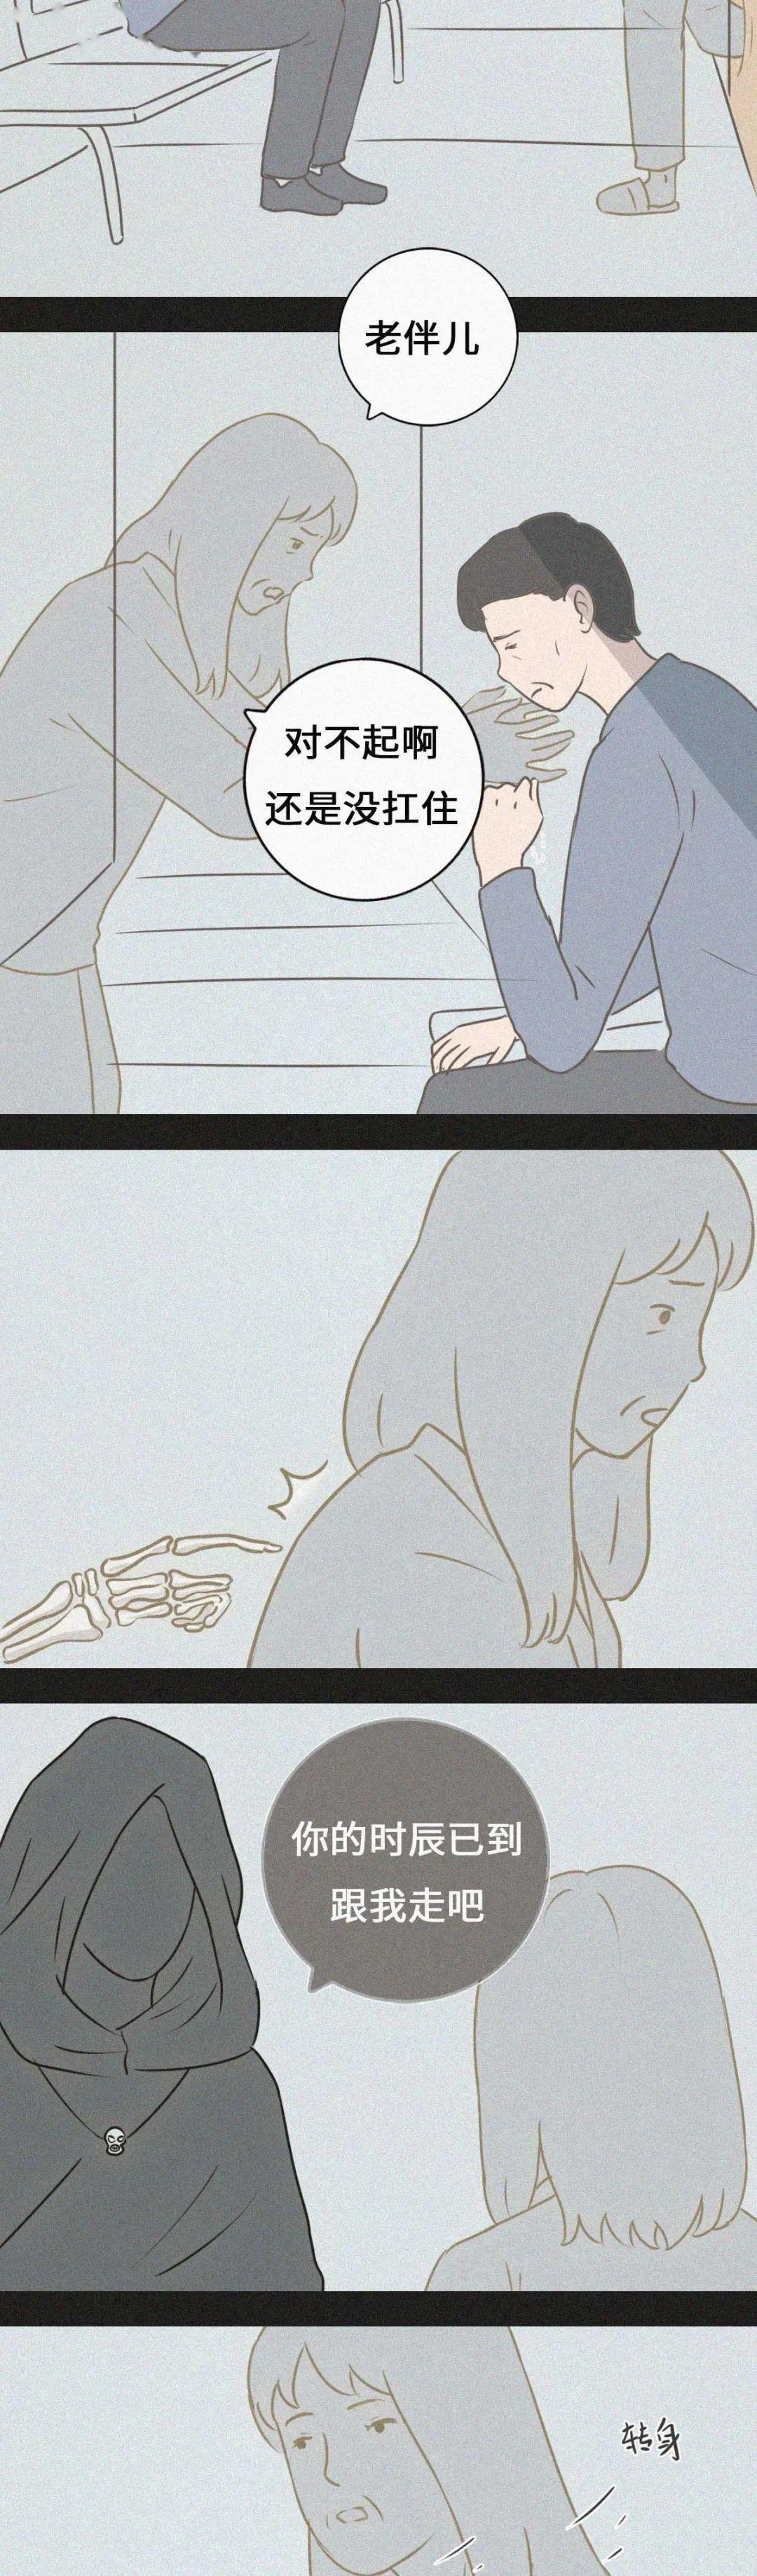 「我先走了,你不要哭」